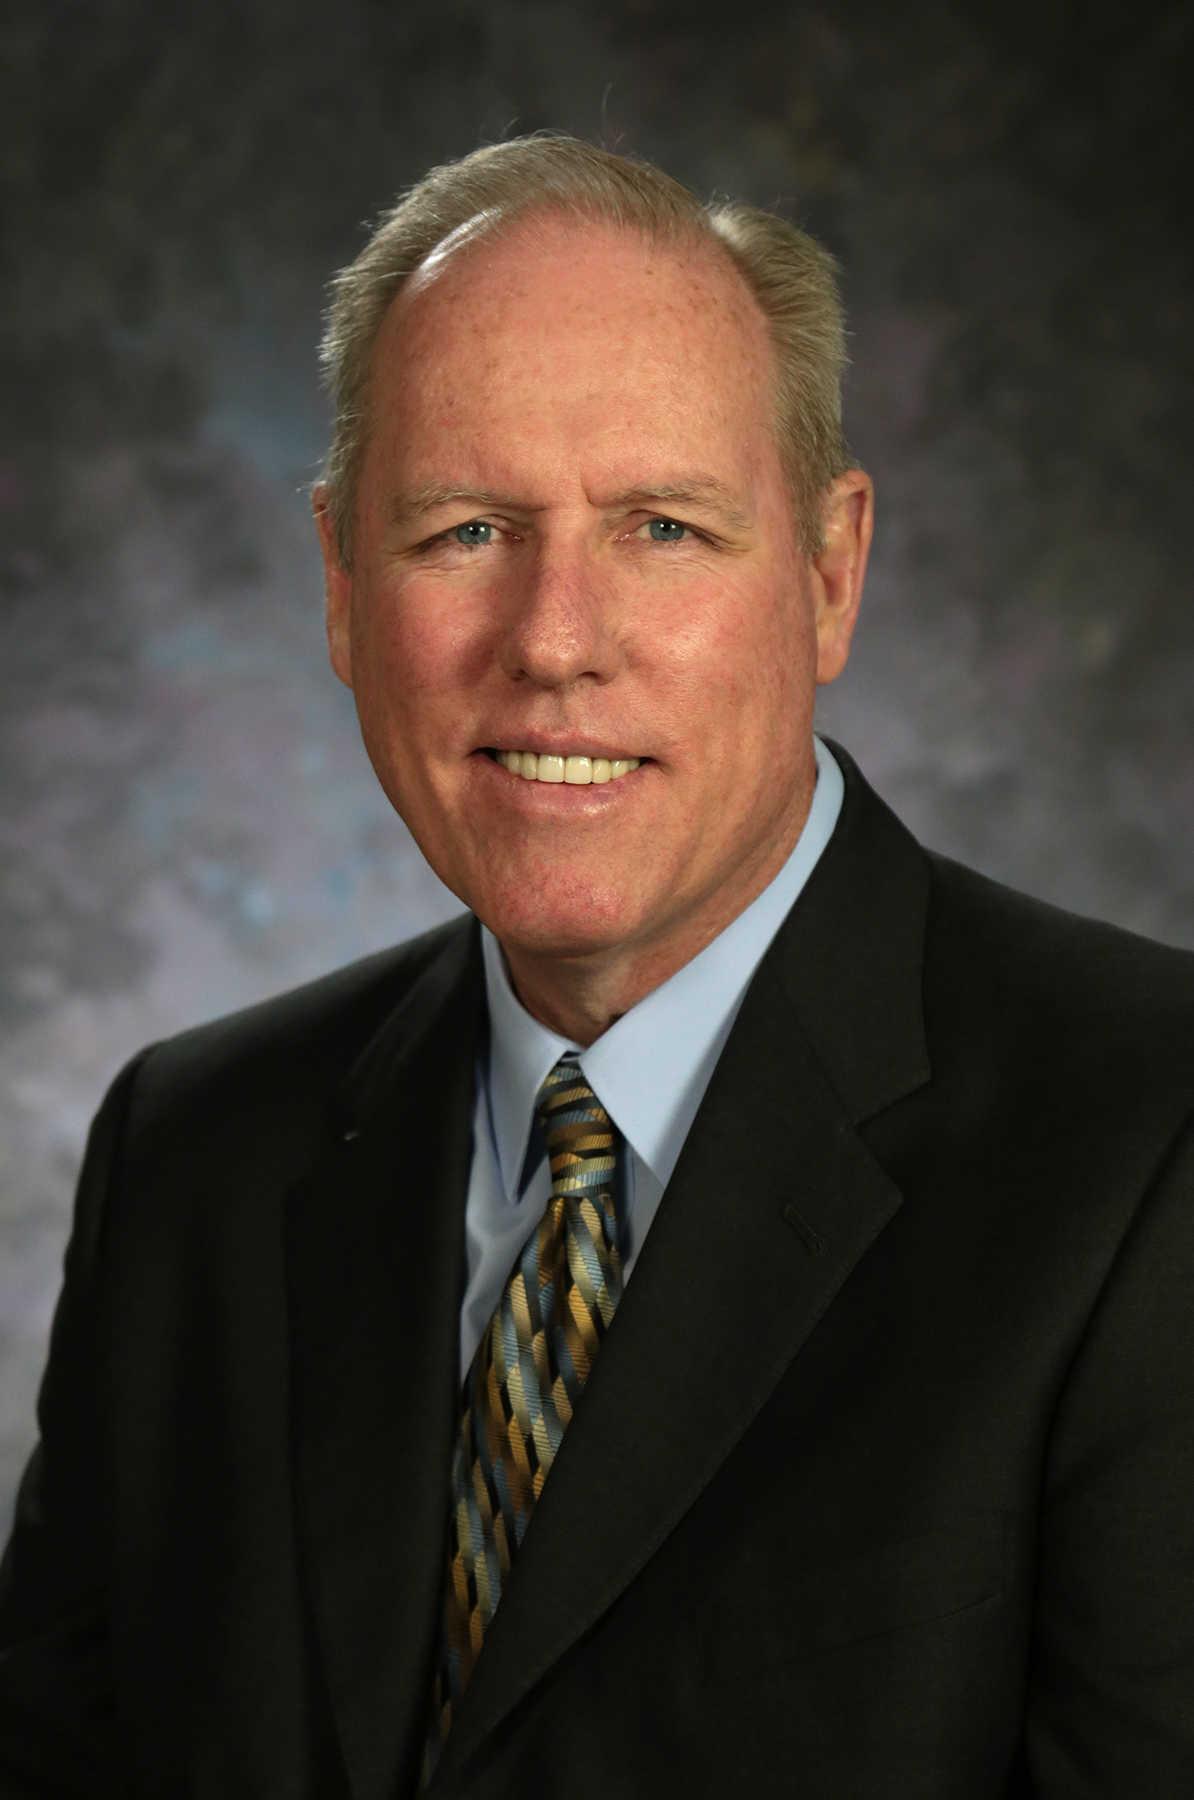 Ben Thacker, Ph.D.